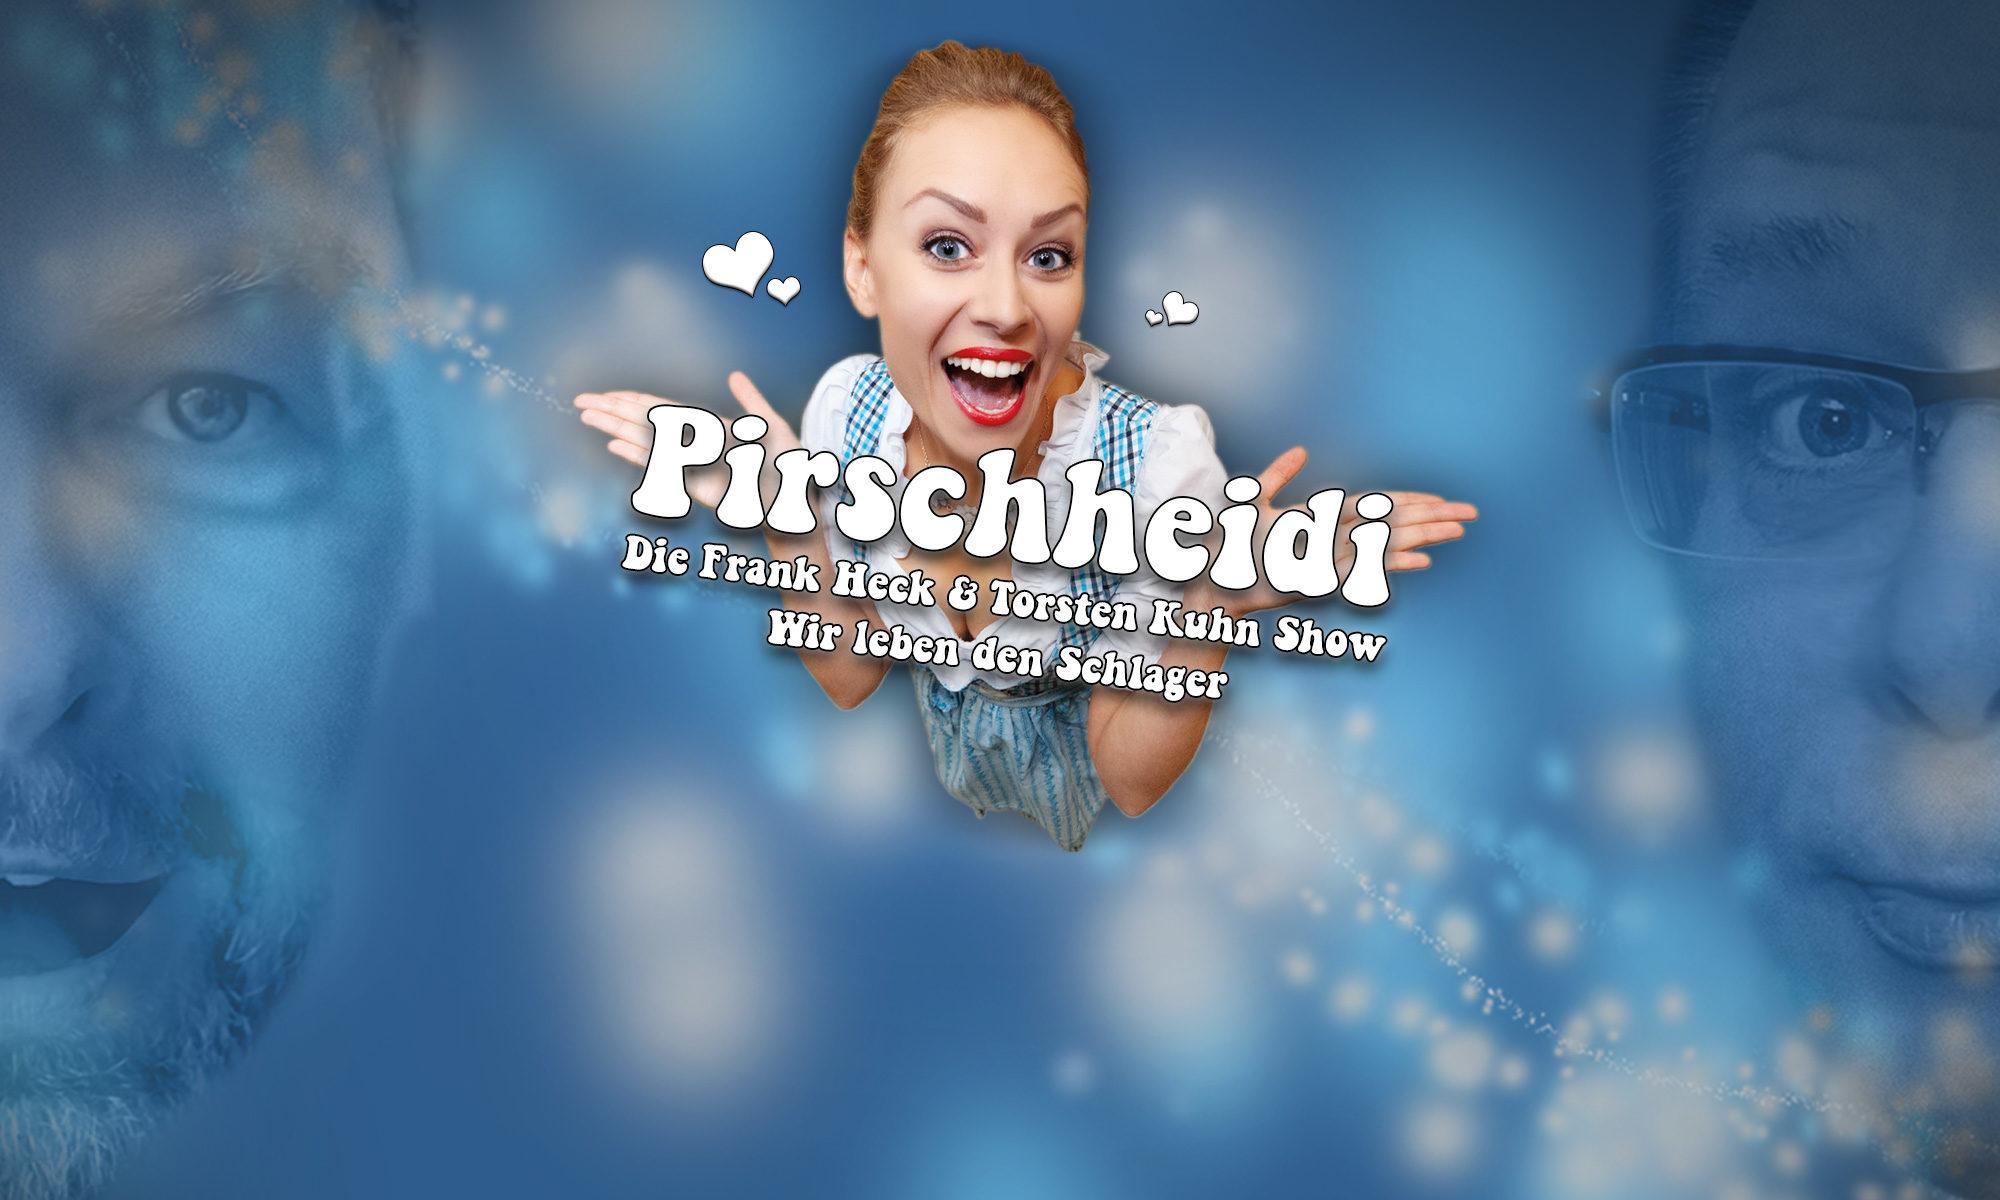 Pirschheidi - Die Frank Heck & Torsten Kuhn Show